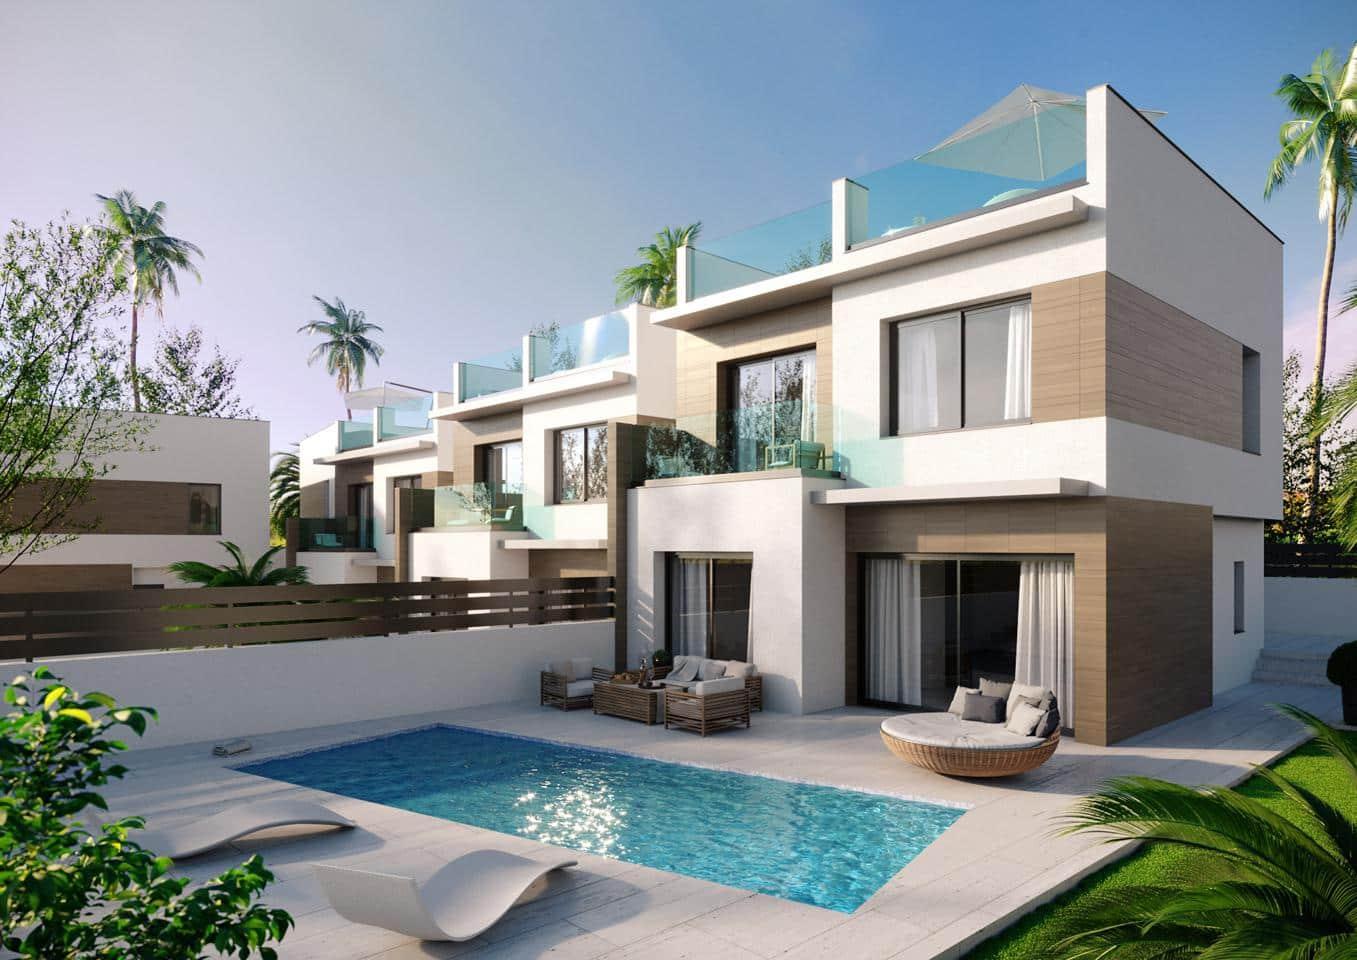 Chalet de 3 habitaciones en Benijófar en venta con piscina garaje - 309.000 € (Ref: 5097551)